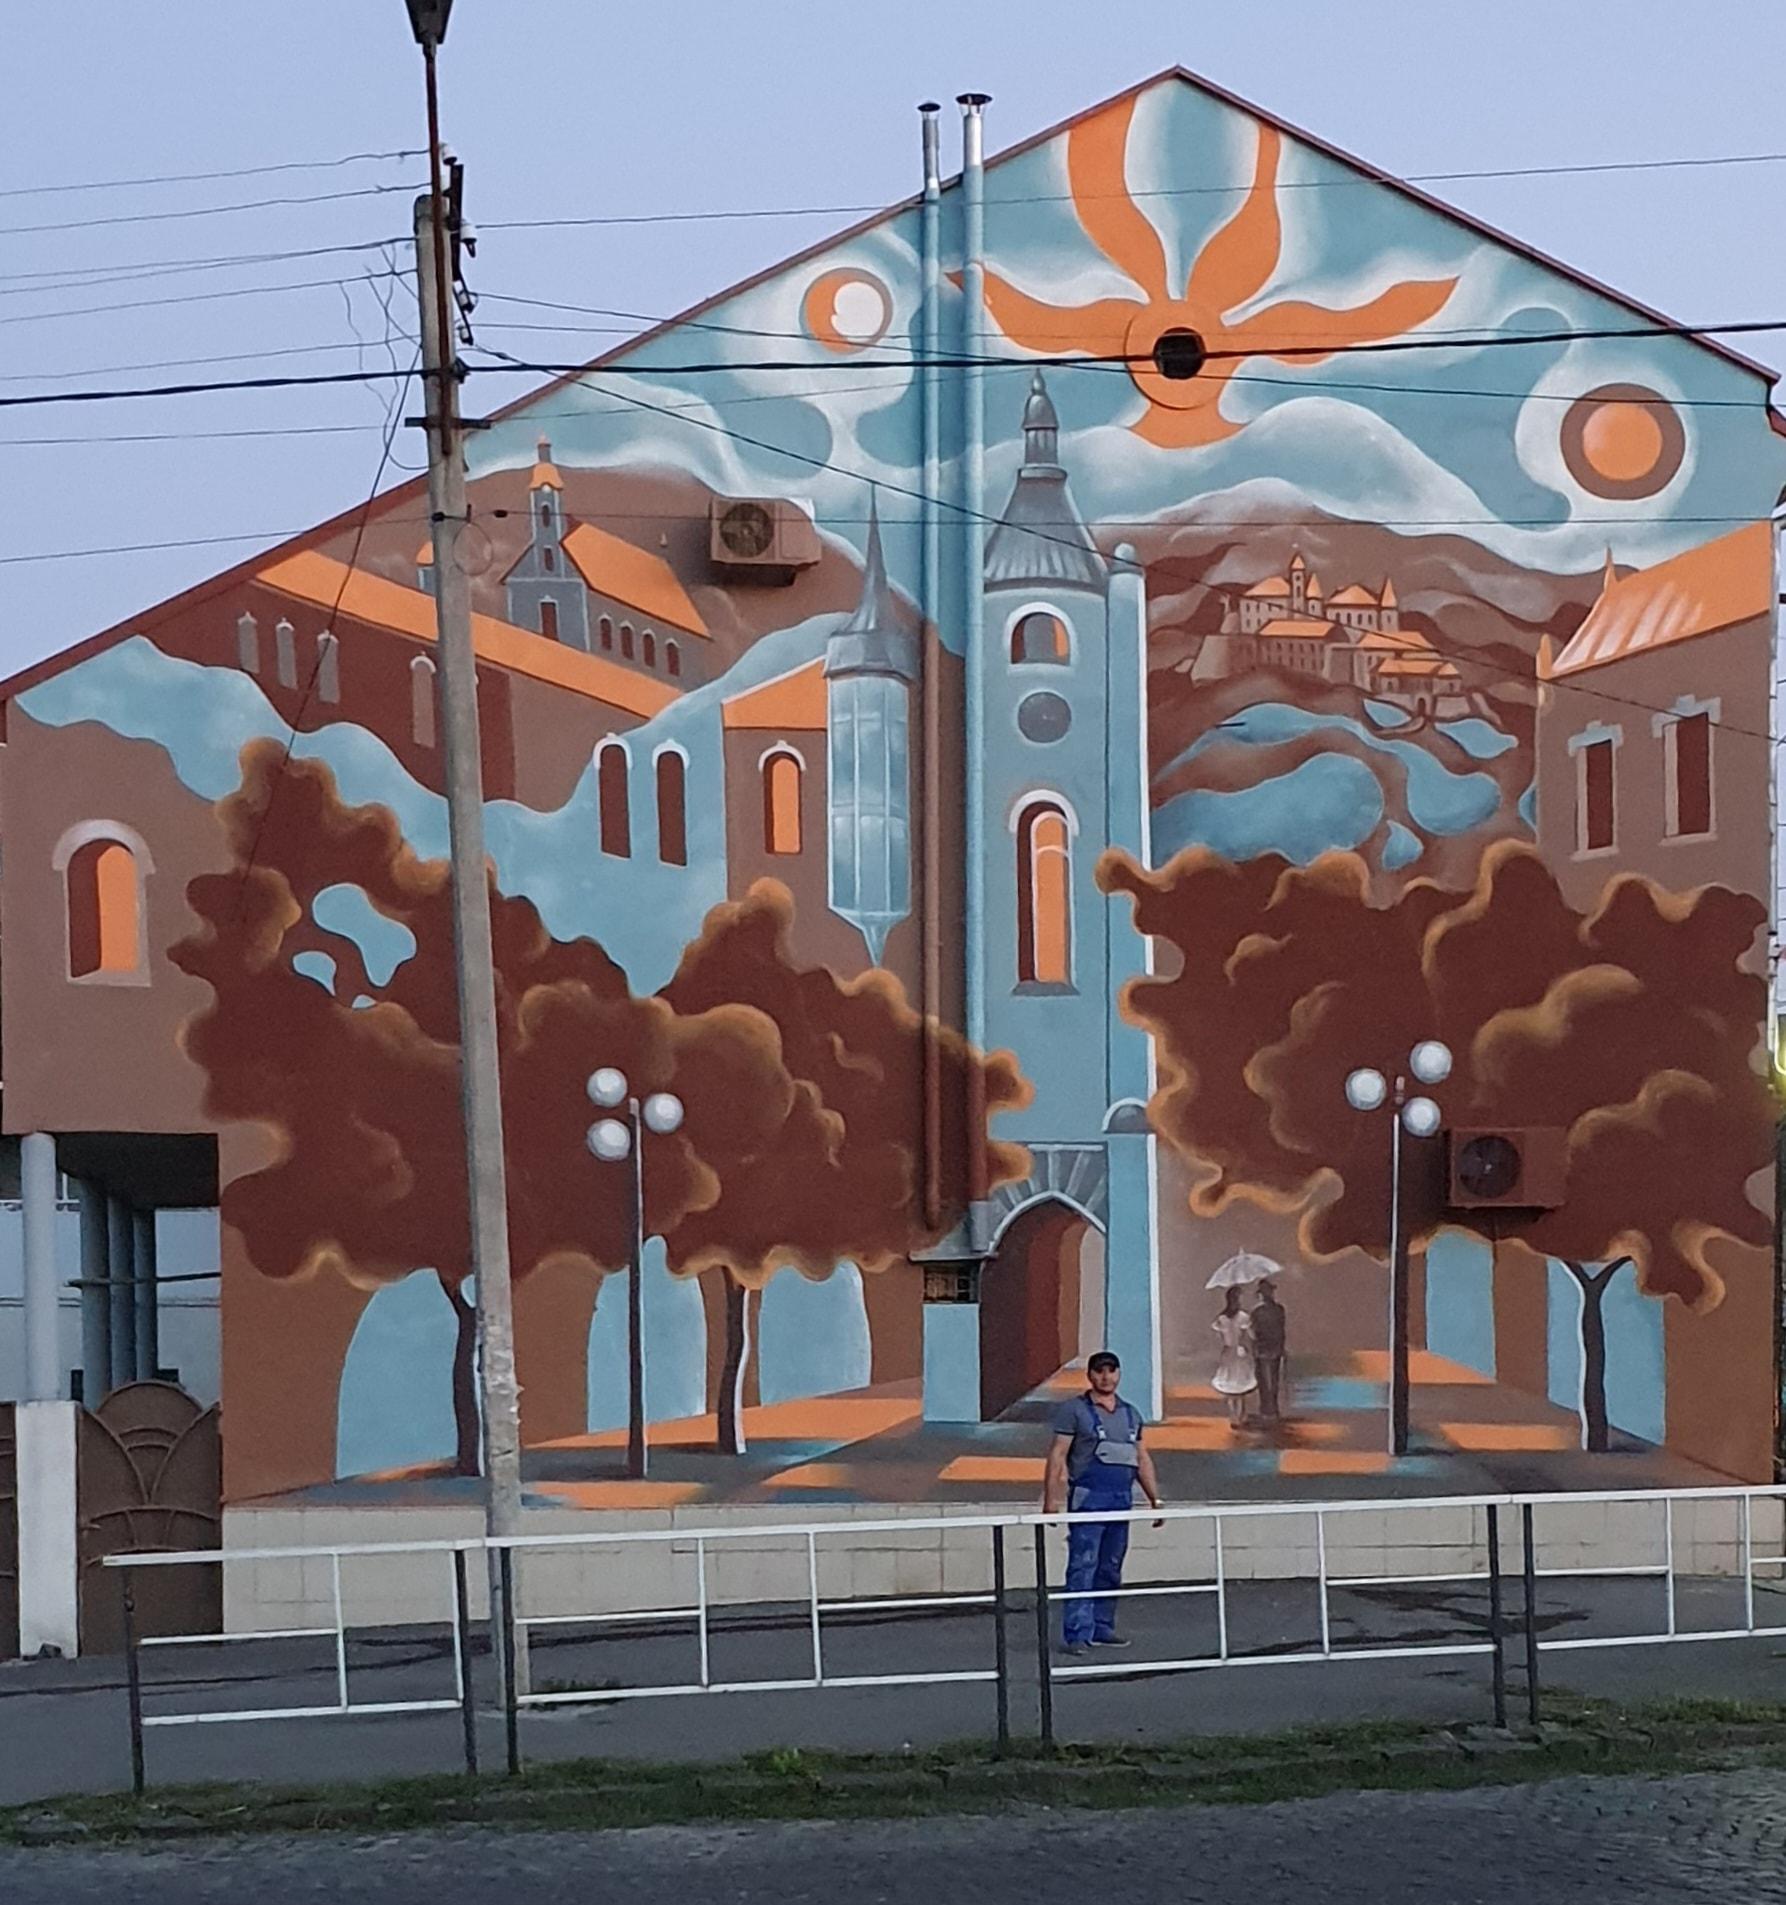 Художник Тиберій Йонаш та учні художньої школи «Ром Арт» завершили роботу над муралом, який прикрашатиме будинок у центральній частині Мукачева.